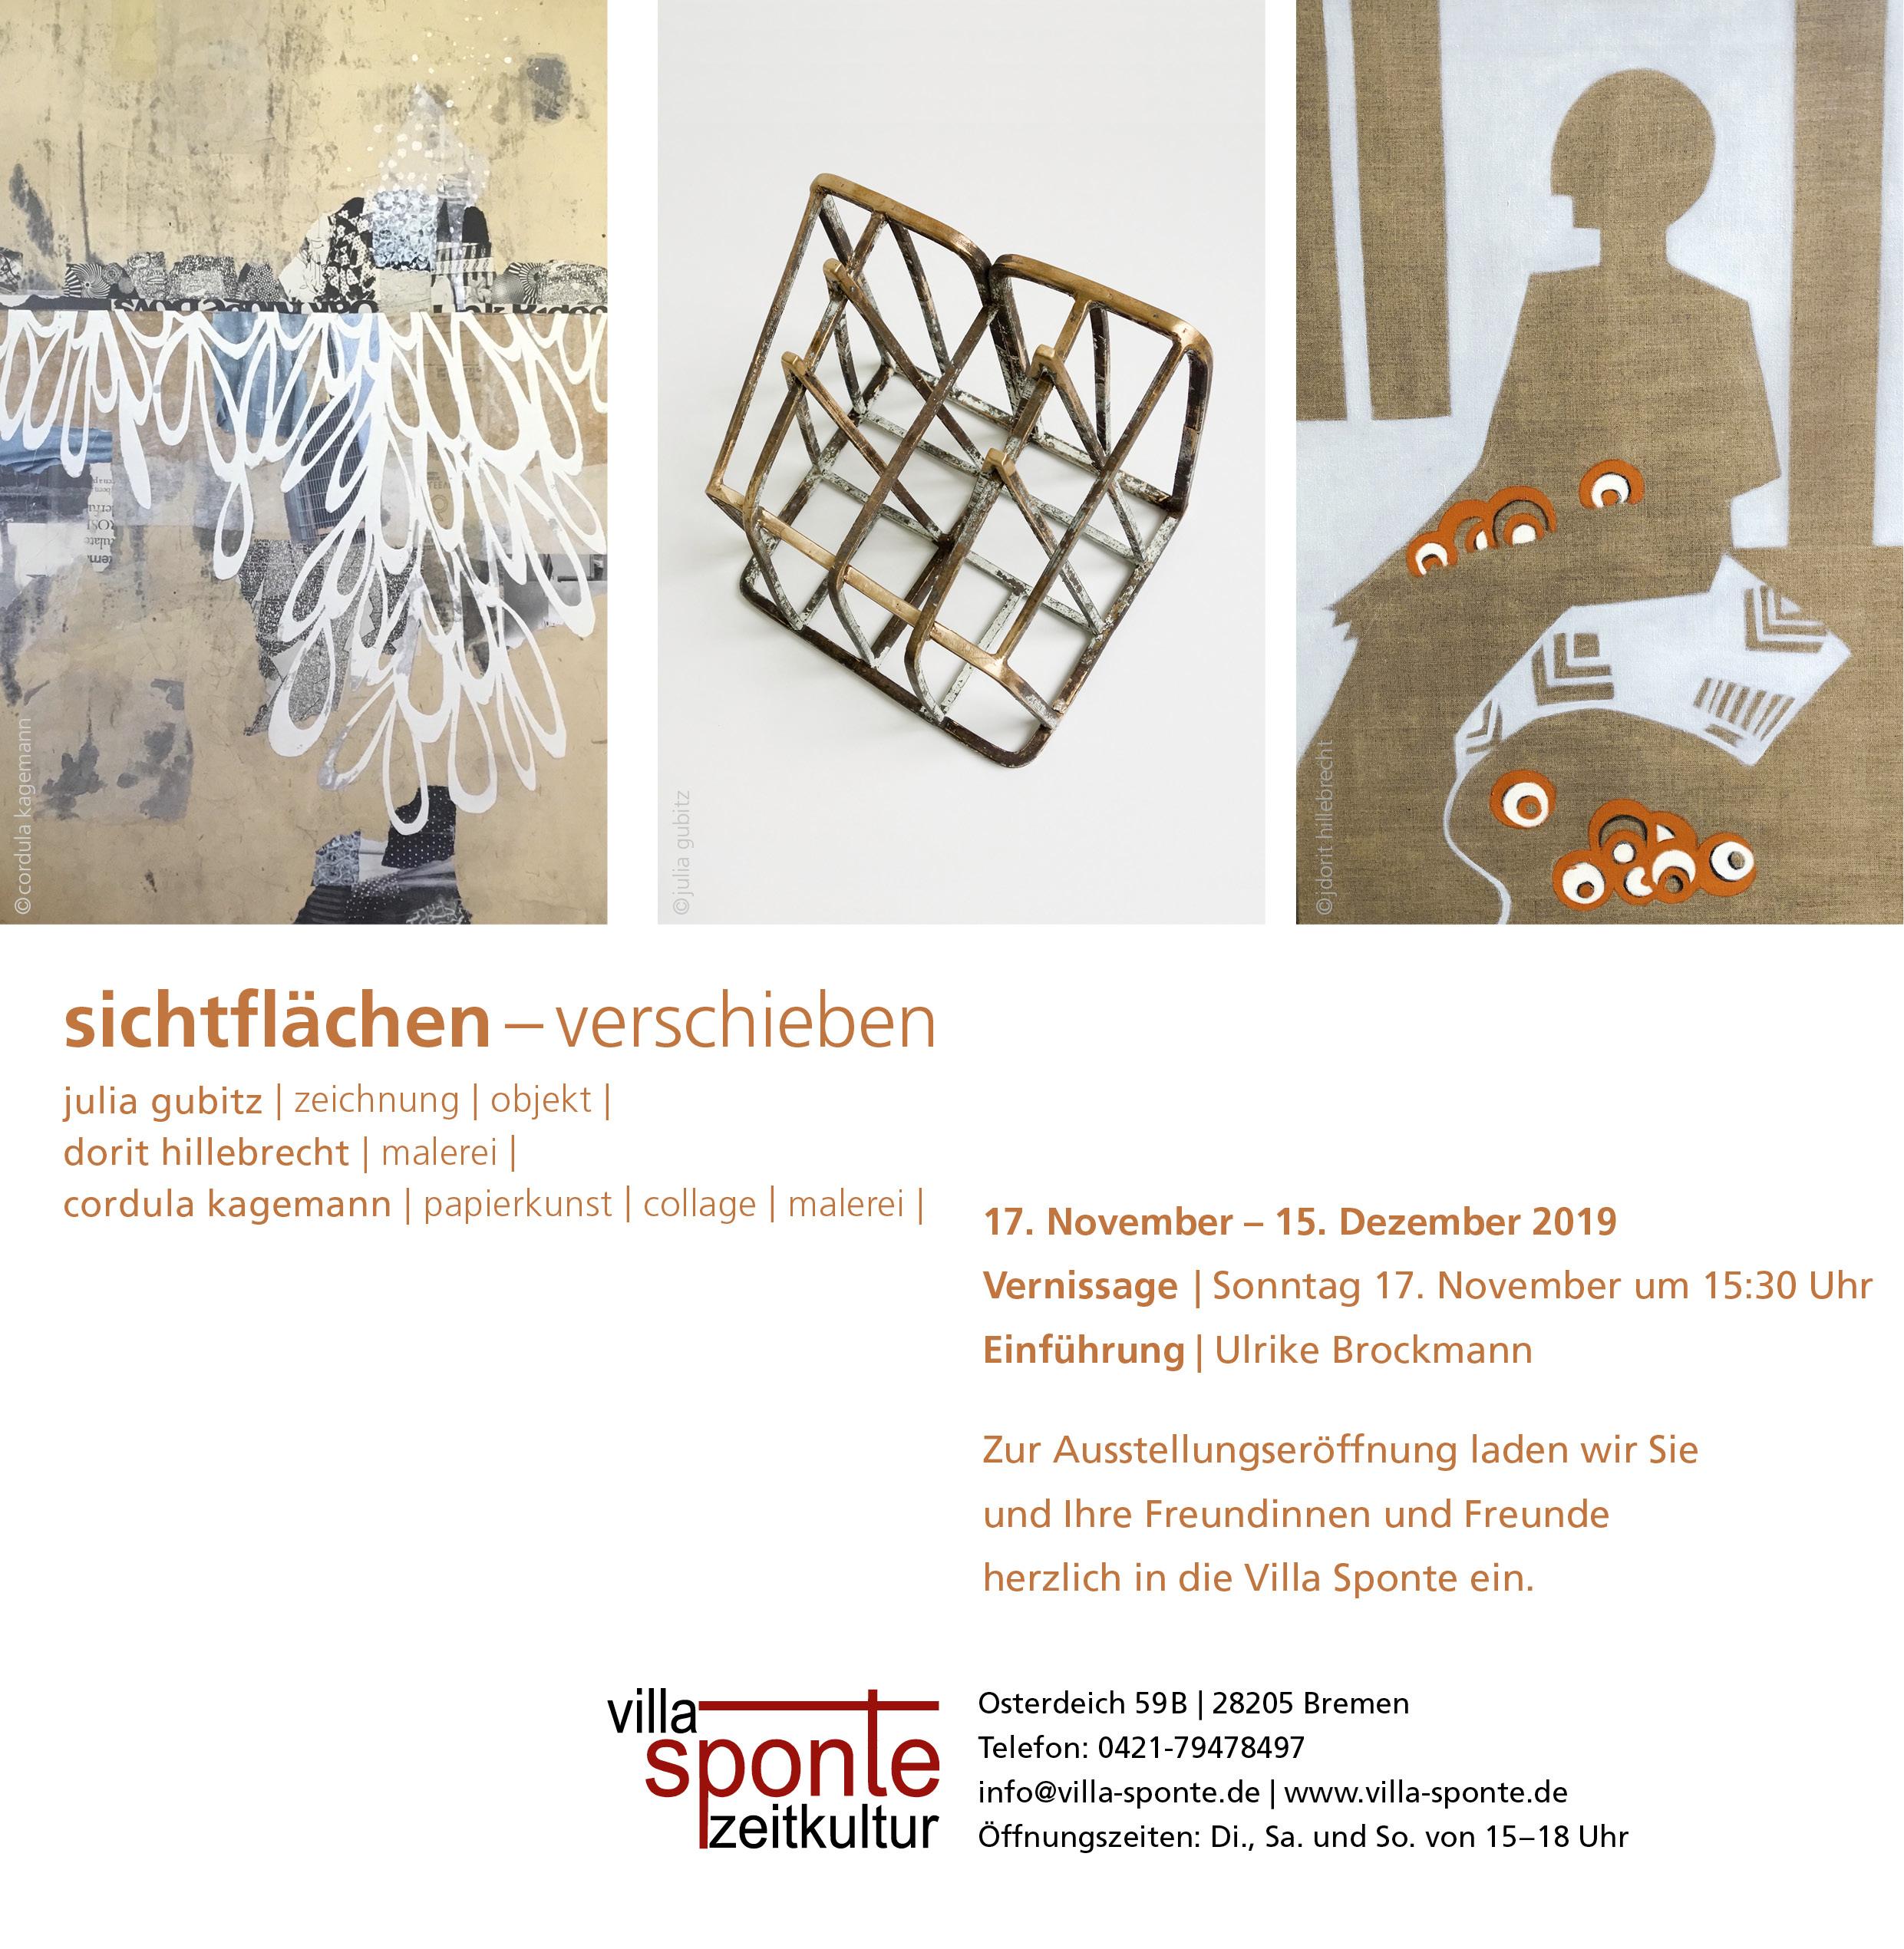 Facebook_Einladung_Ausstellung_sichtflaechen_verschieben_10_2019